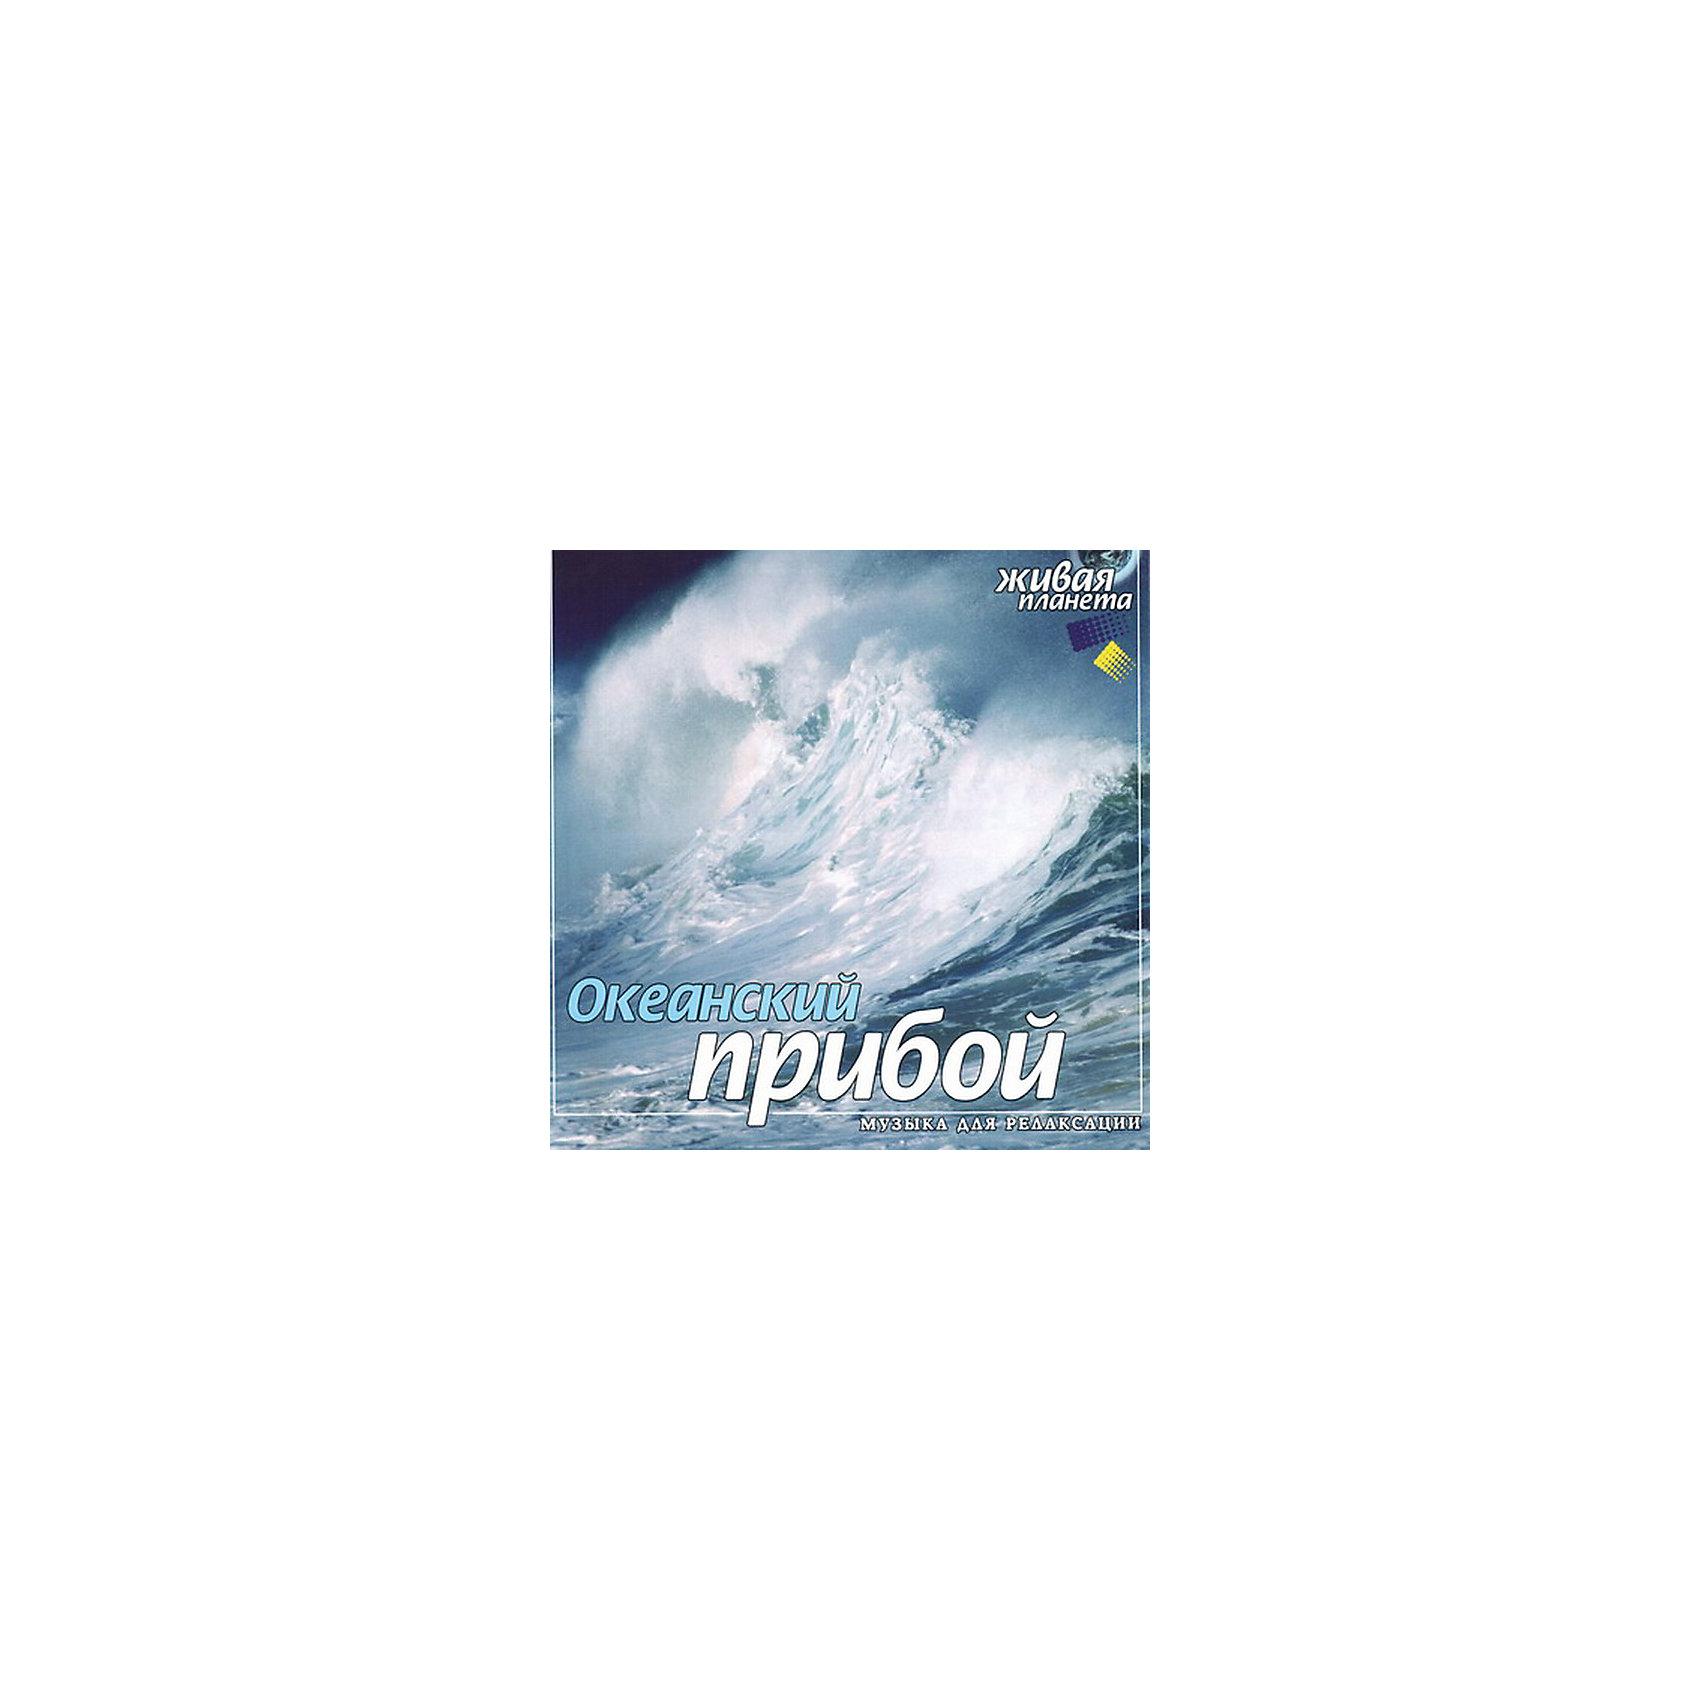 CD Океанский прибойАудиокниги, DVD и CD<br>Характеристики товара:<br><br>• размер упаковки: 12,5х10х14,2 см;<br>• вес: 79 грамм.<br><br>Звуки морского прибоя и надвигающихся волн помогут расслабиться и представить отдых на морском побережье. Диск «Океанский прибой» подойдет для использования дома, в машине или на работе.<br><br>CD Океанский прибой можно купить в нашем интернет-магазине.<br><br>Ширина мм: 142<br>Глубина мм: 100<br>Высота мм: 125<br>Вес г: 79<br>Возраст от месяцев: 36<br>Возраст до месяцев: 2147483647<br>Пол: Унисекс<br>Возраст: Детский<br>SKU: 5614923